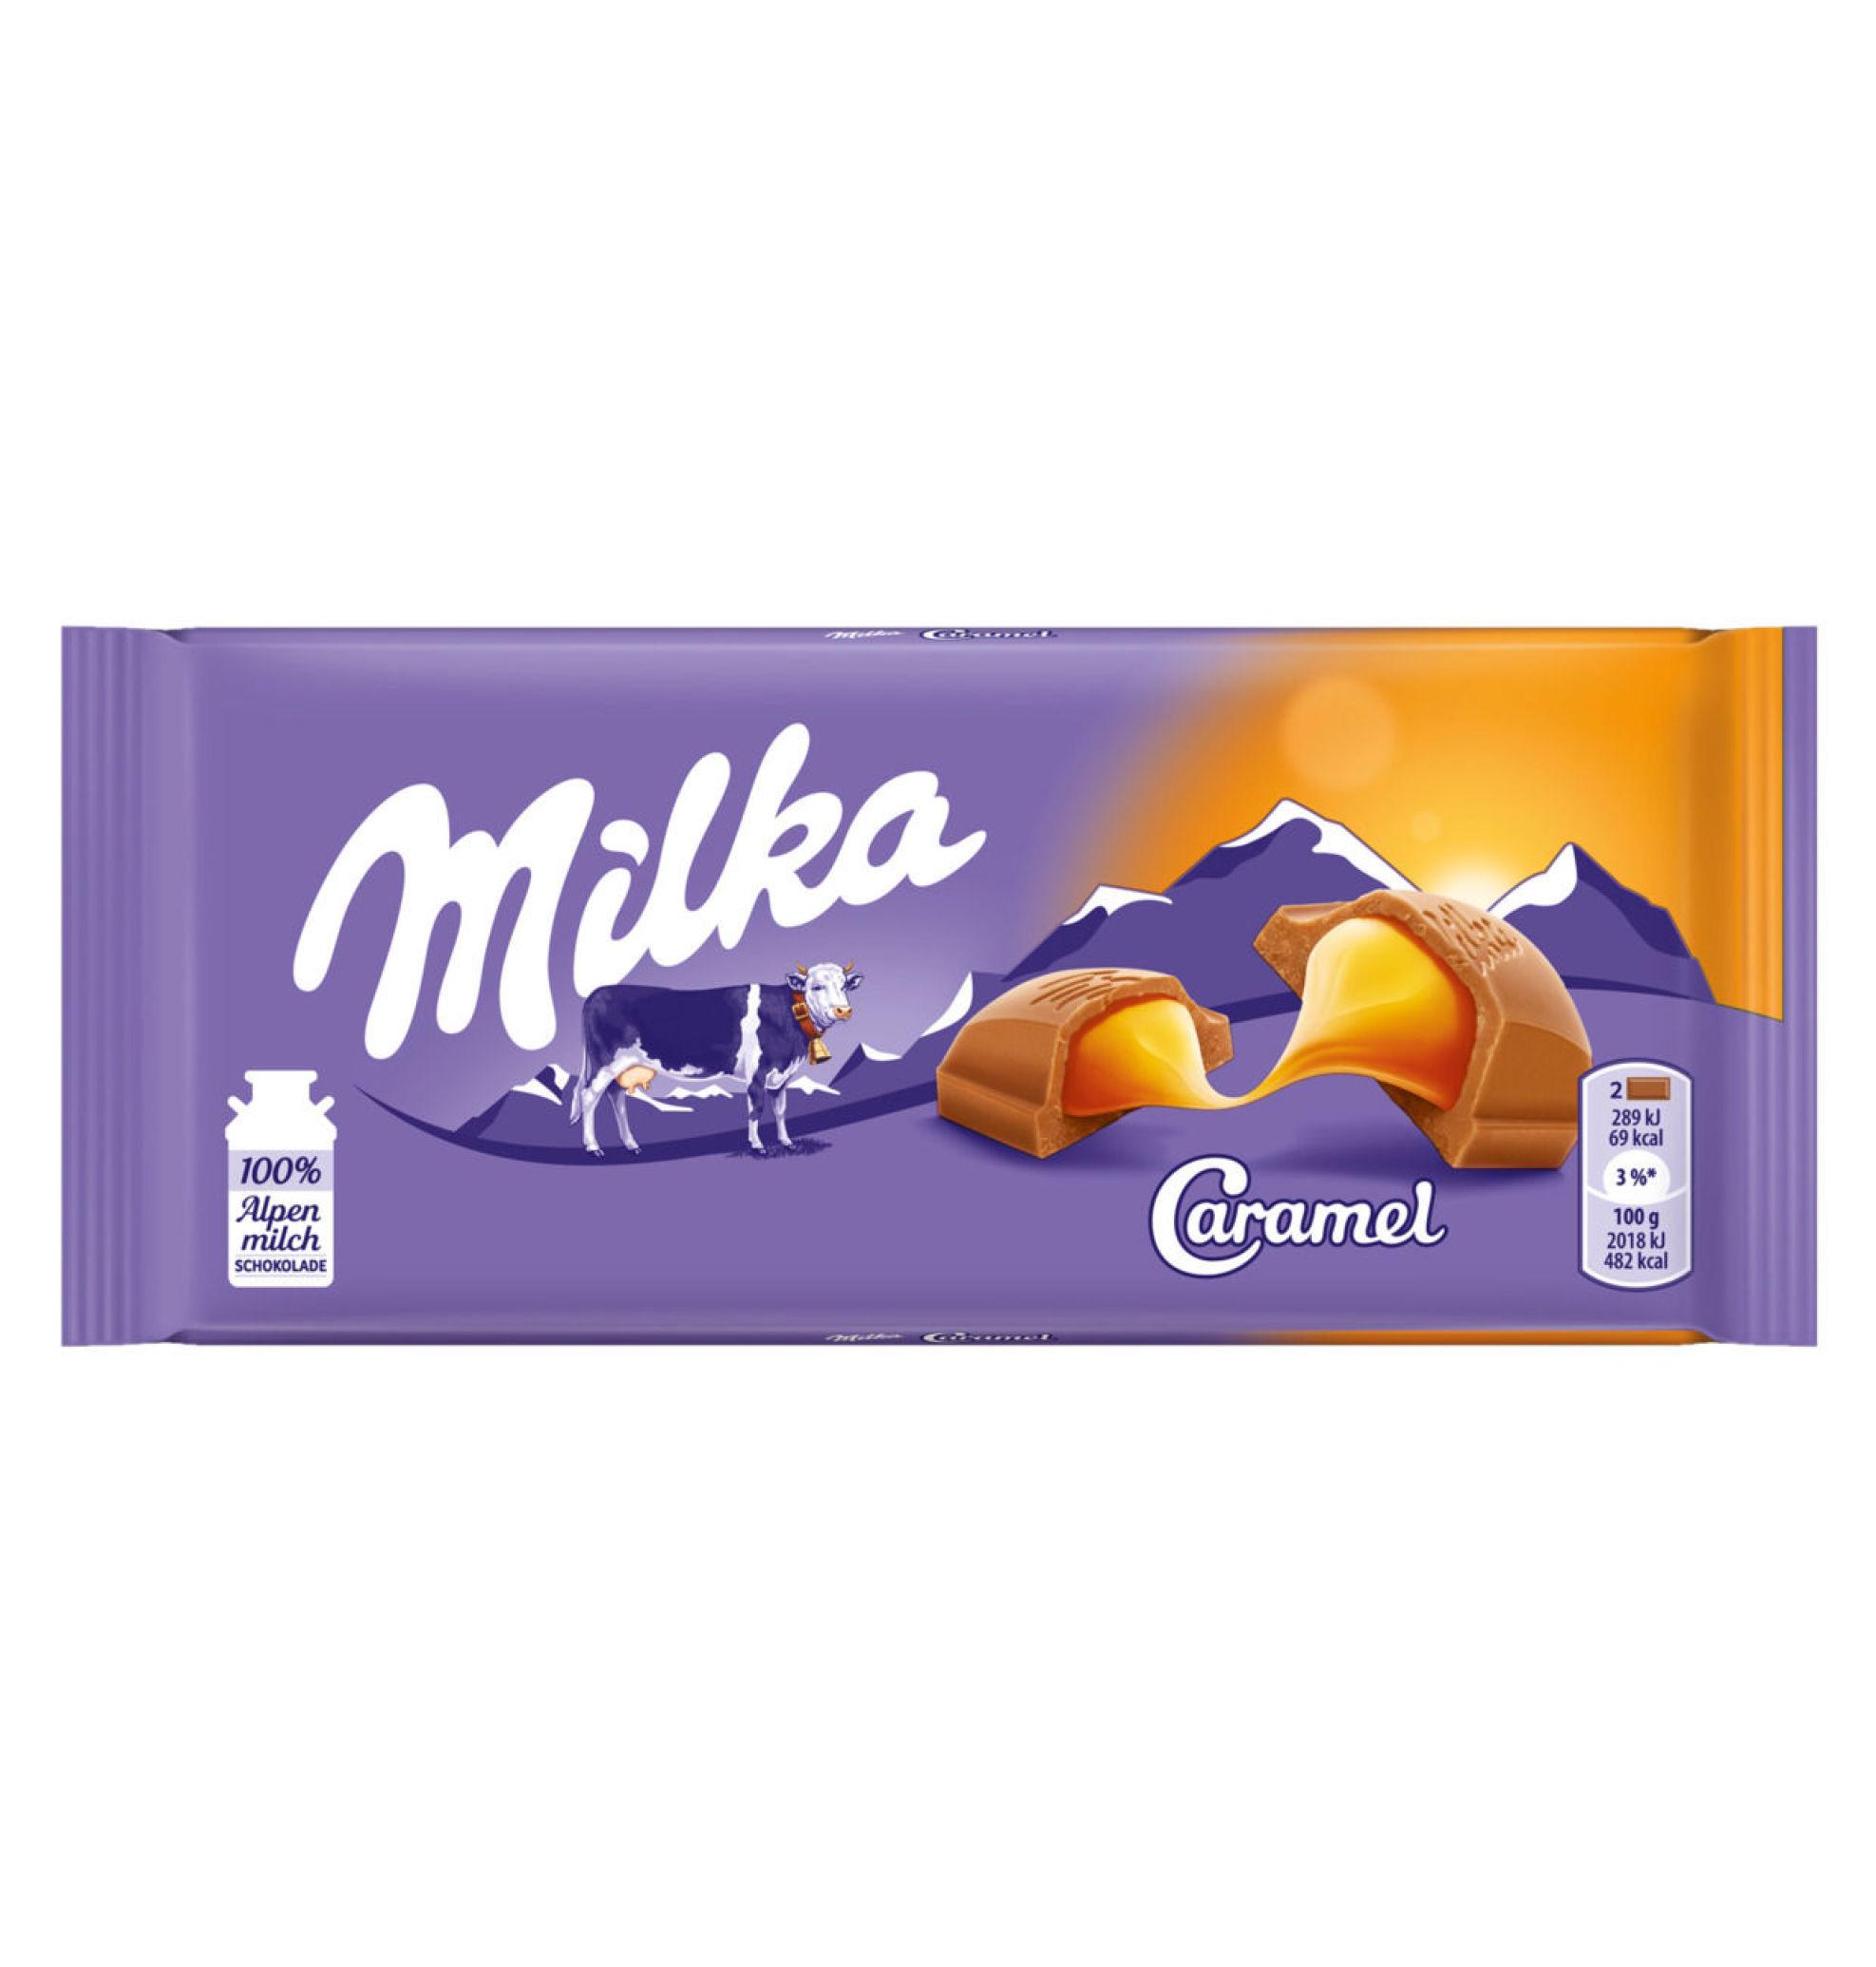 خرید اینترنتی شکلات تابلت شیری مدل کاراملی میلکا شهر شکلات فروشگاه اینترنتی وجیسنک milka